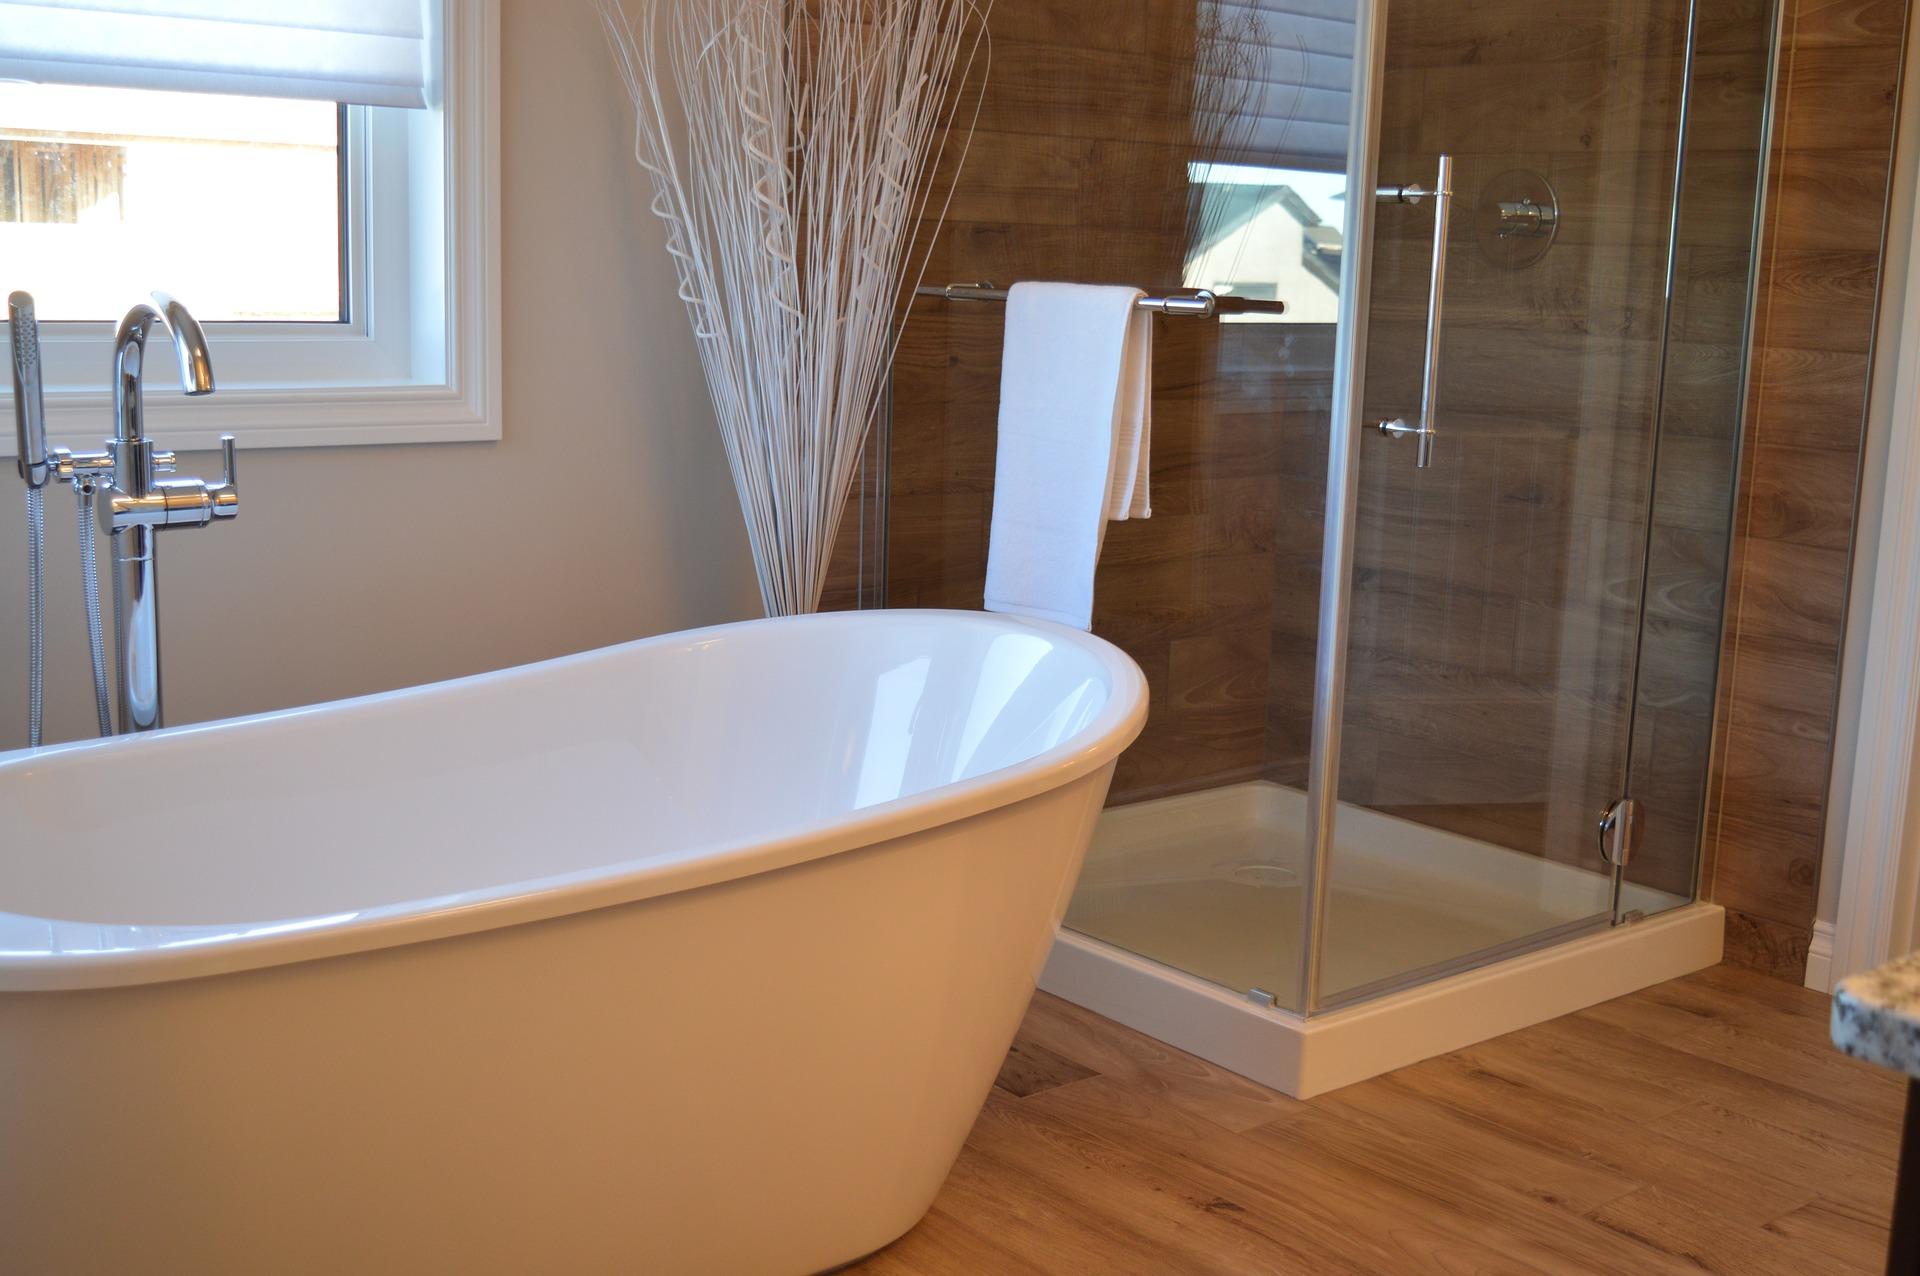 duschkabine kunststoff reinigen fr mm glas meter with duschkabine kunststoff reinigen simple. Black Bedroom Furniture Sets. Home Design Ideas